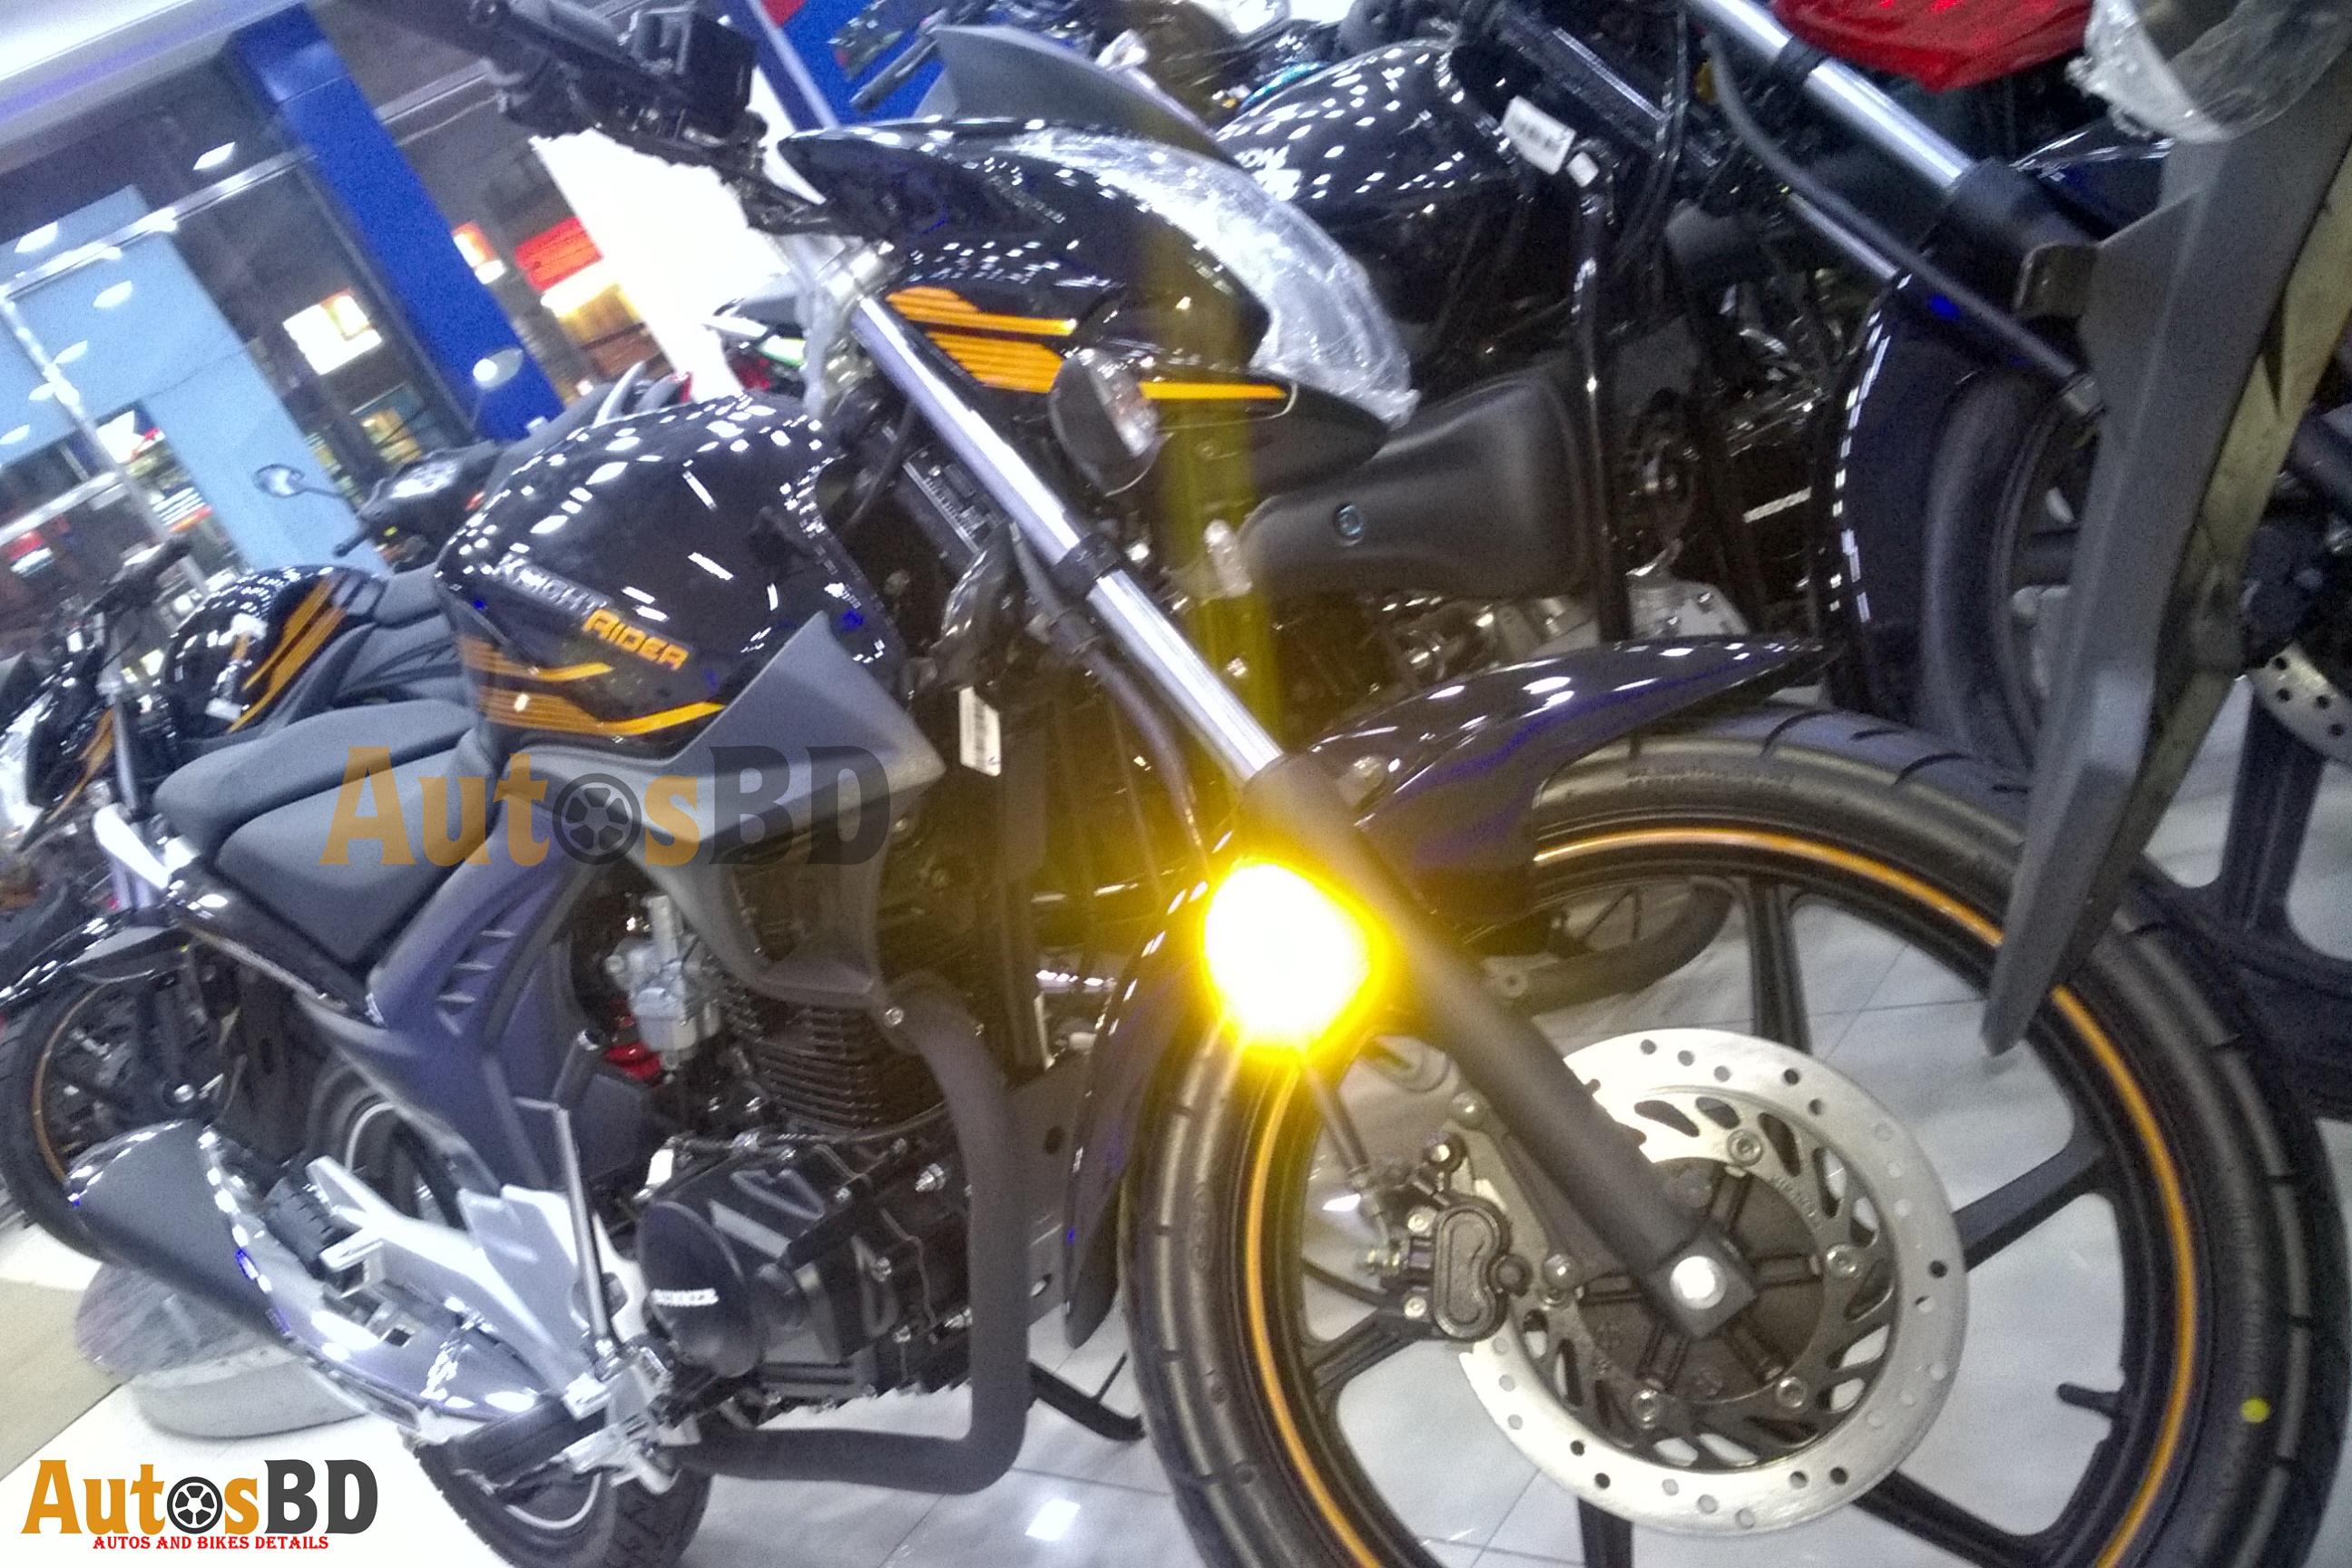 Runner Knight Rider Motorcycle Specification